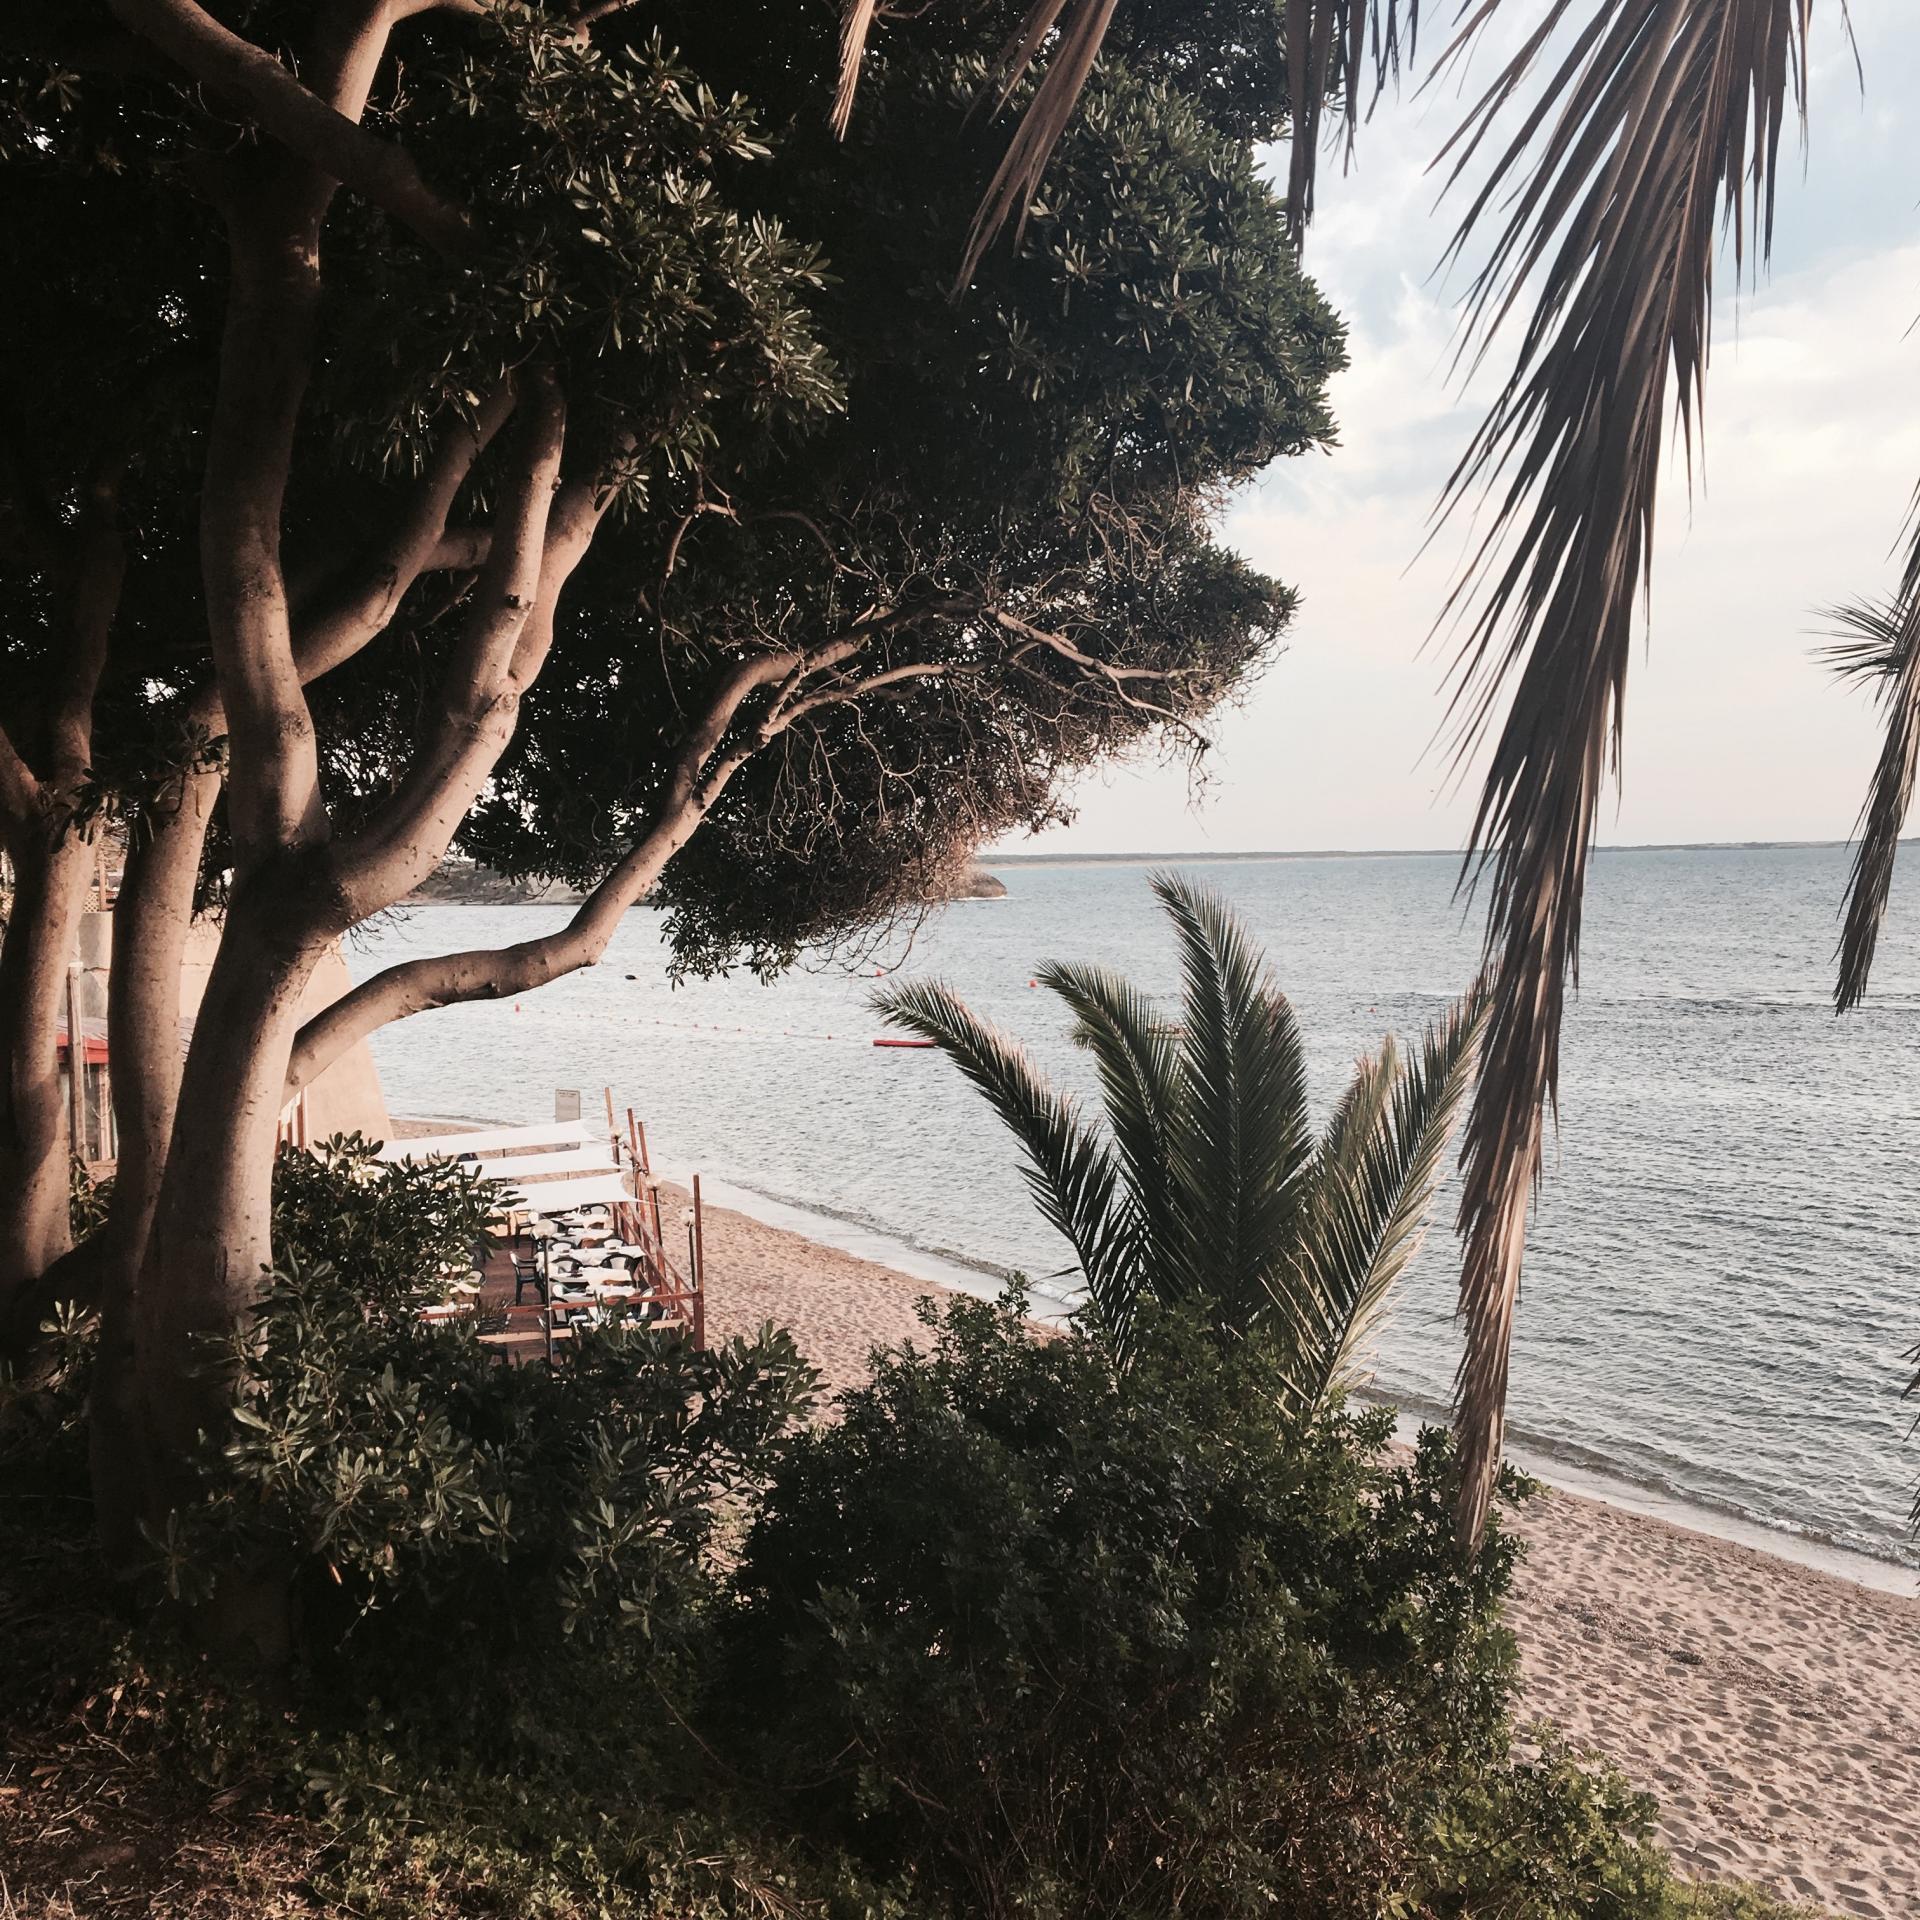 Mon voyage en Sardaigne entre copines 29